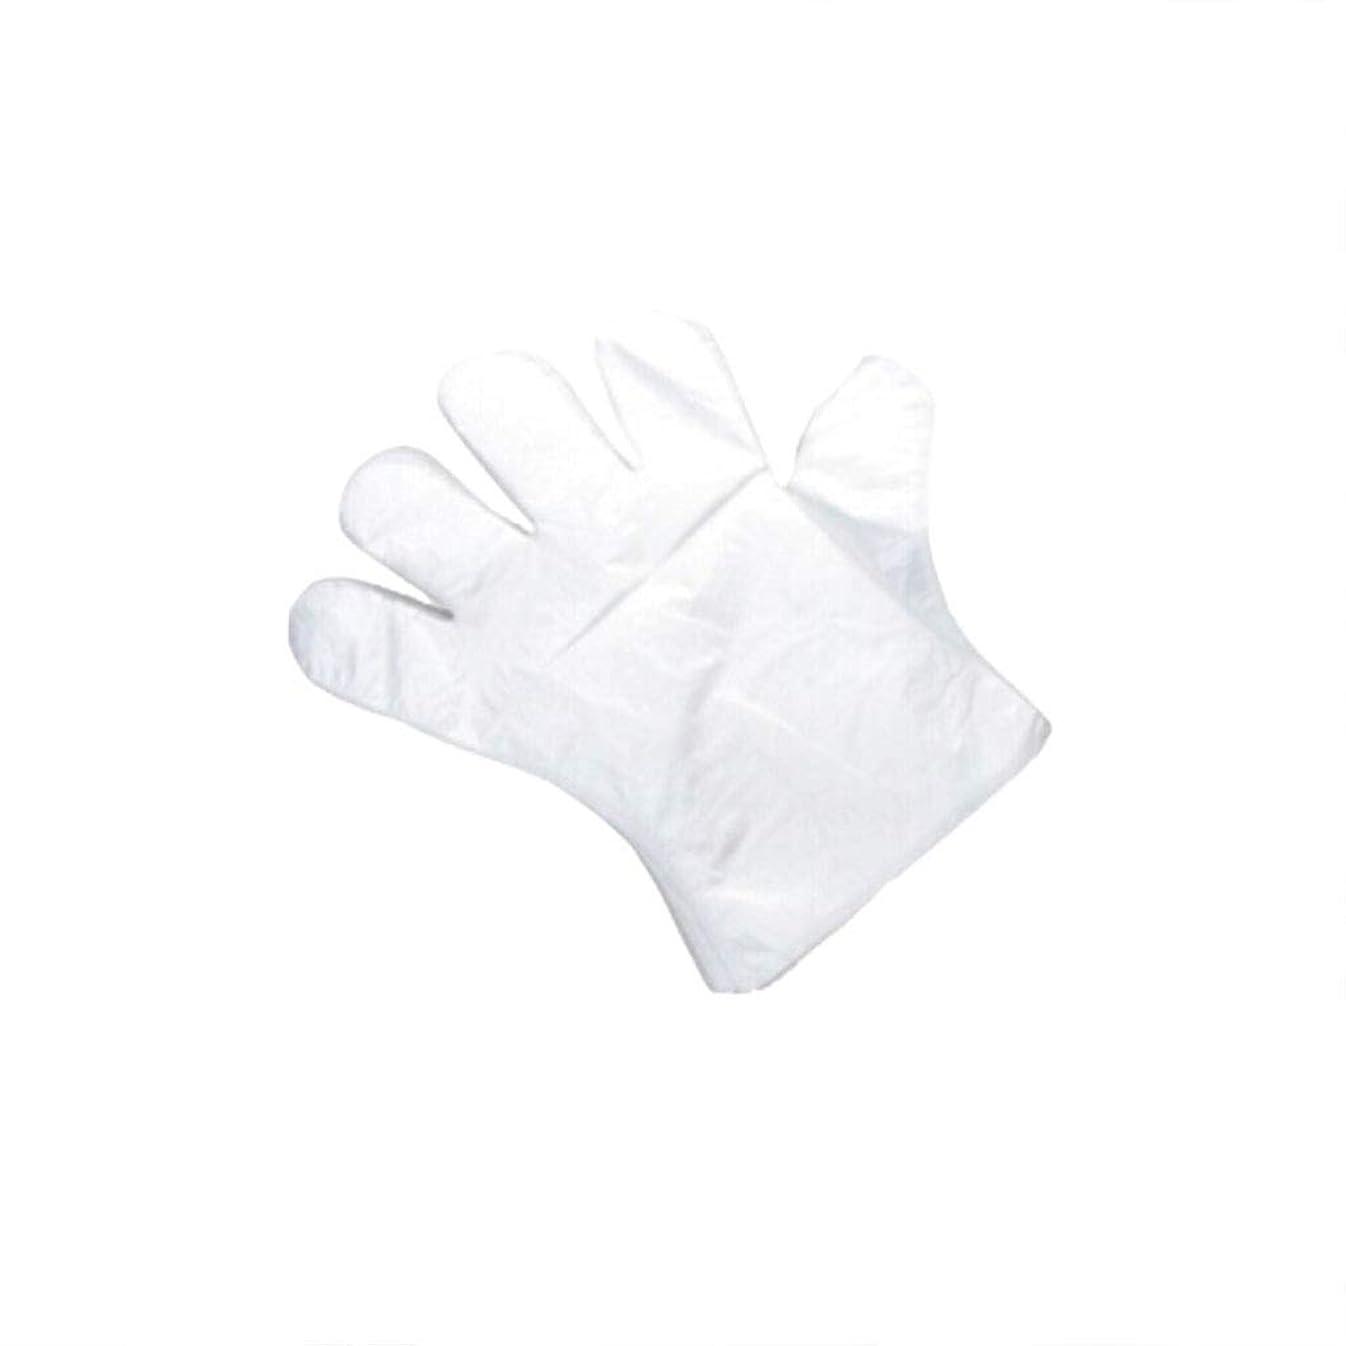 真珠のようなペナルティぼんやりした手袋、使い捨て手袋、肥厚、抽出手袋、テーブル、ピクニック、100スーツ。